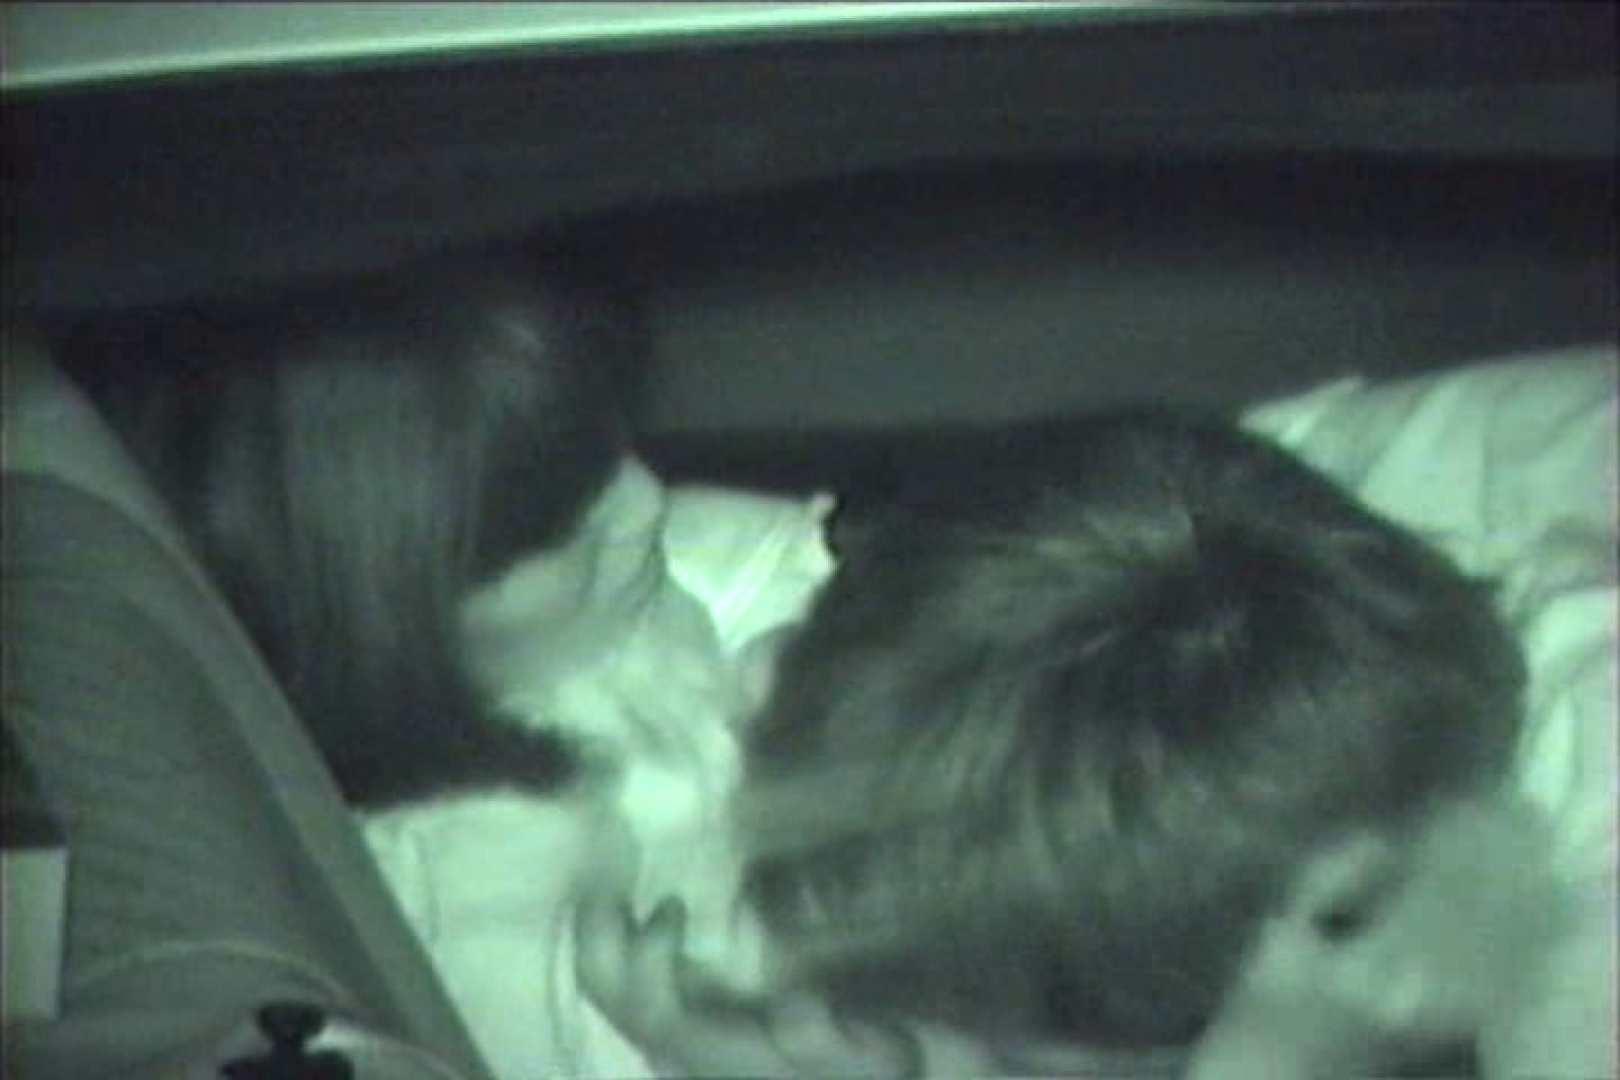 車の中はラブホテル 無修正版  Vol.17 エロティックなOL オメコ無修正動画無料 97画像 93